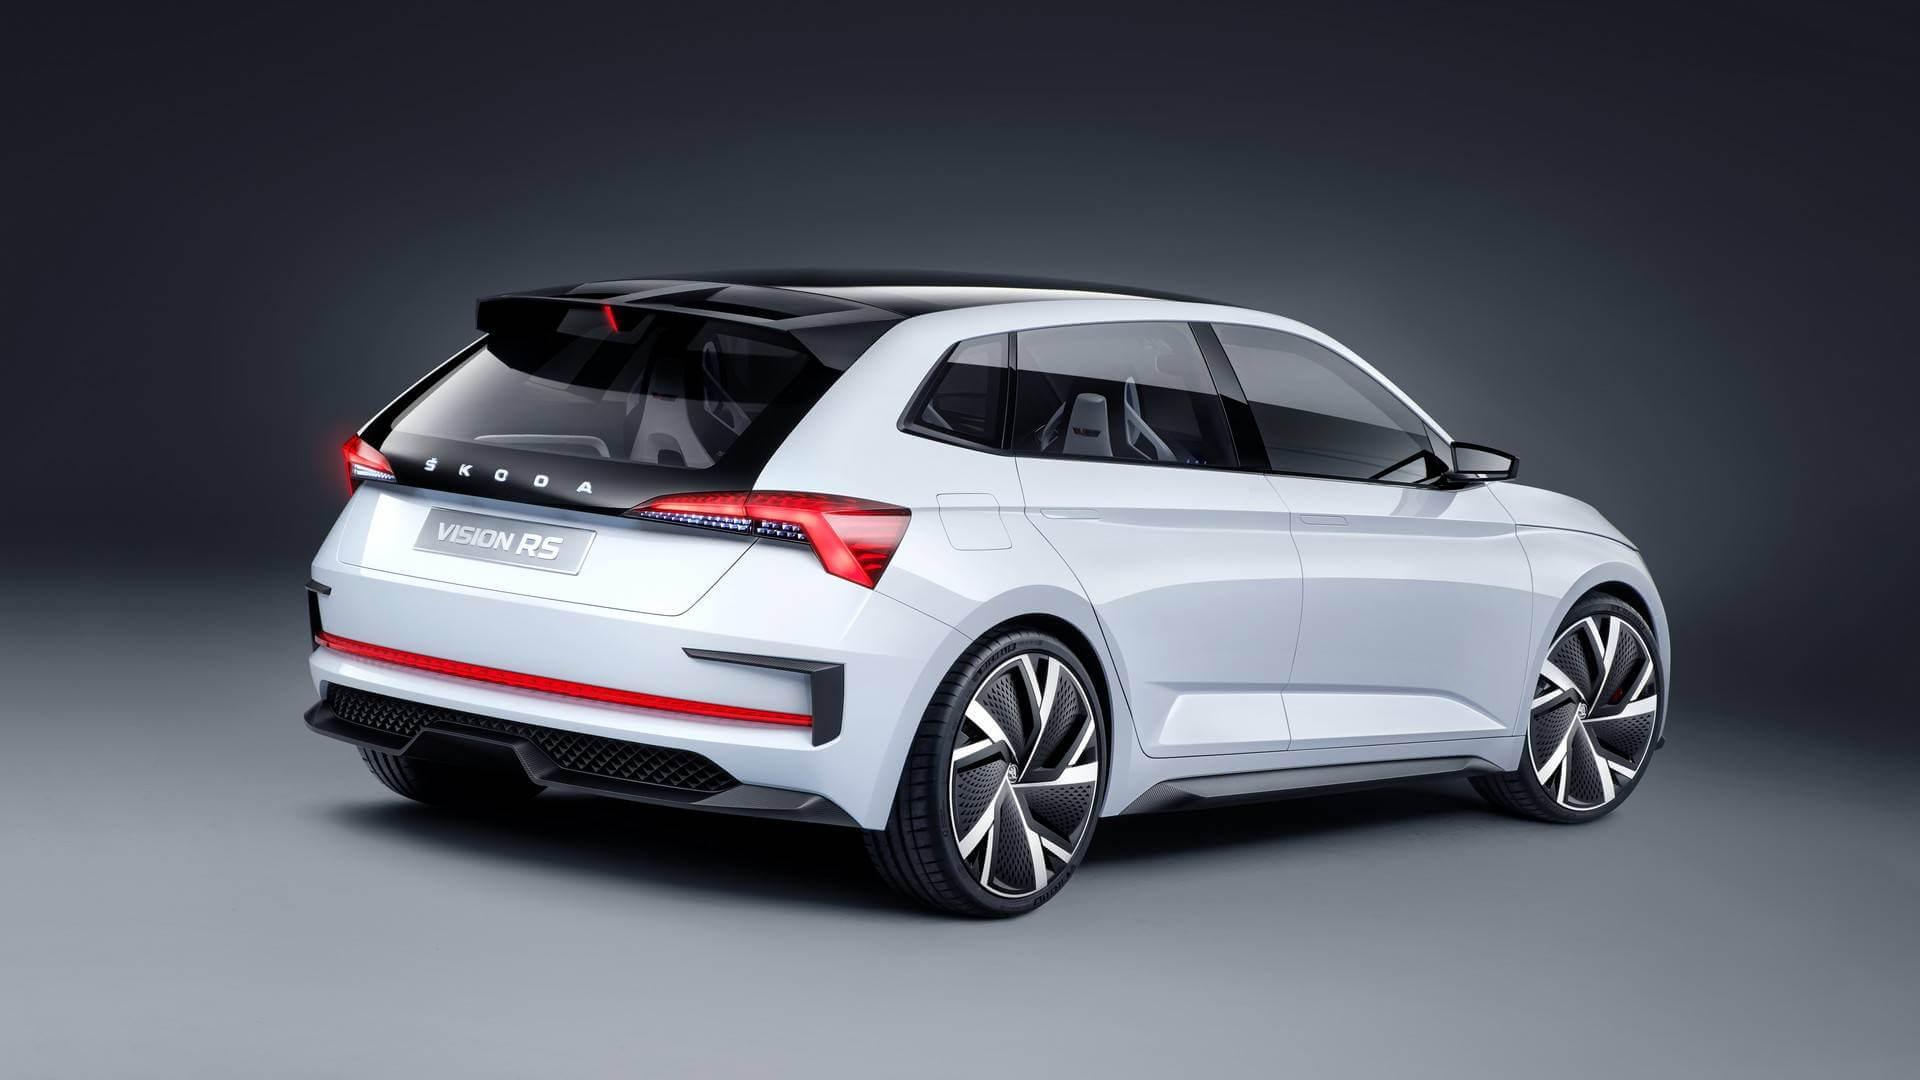 Концепт Škoda Vision RS PHEV